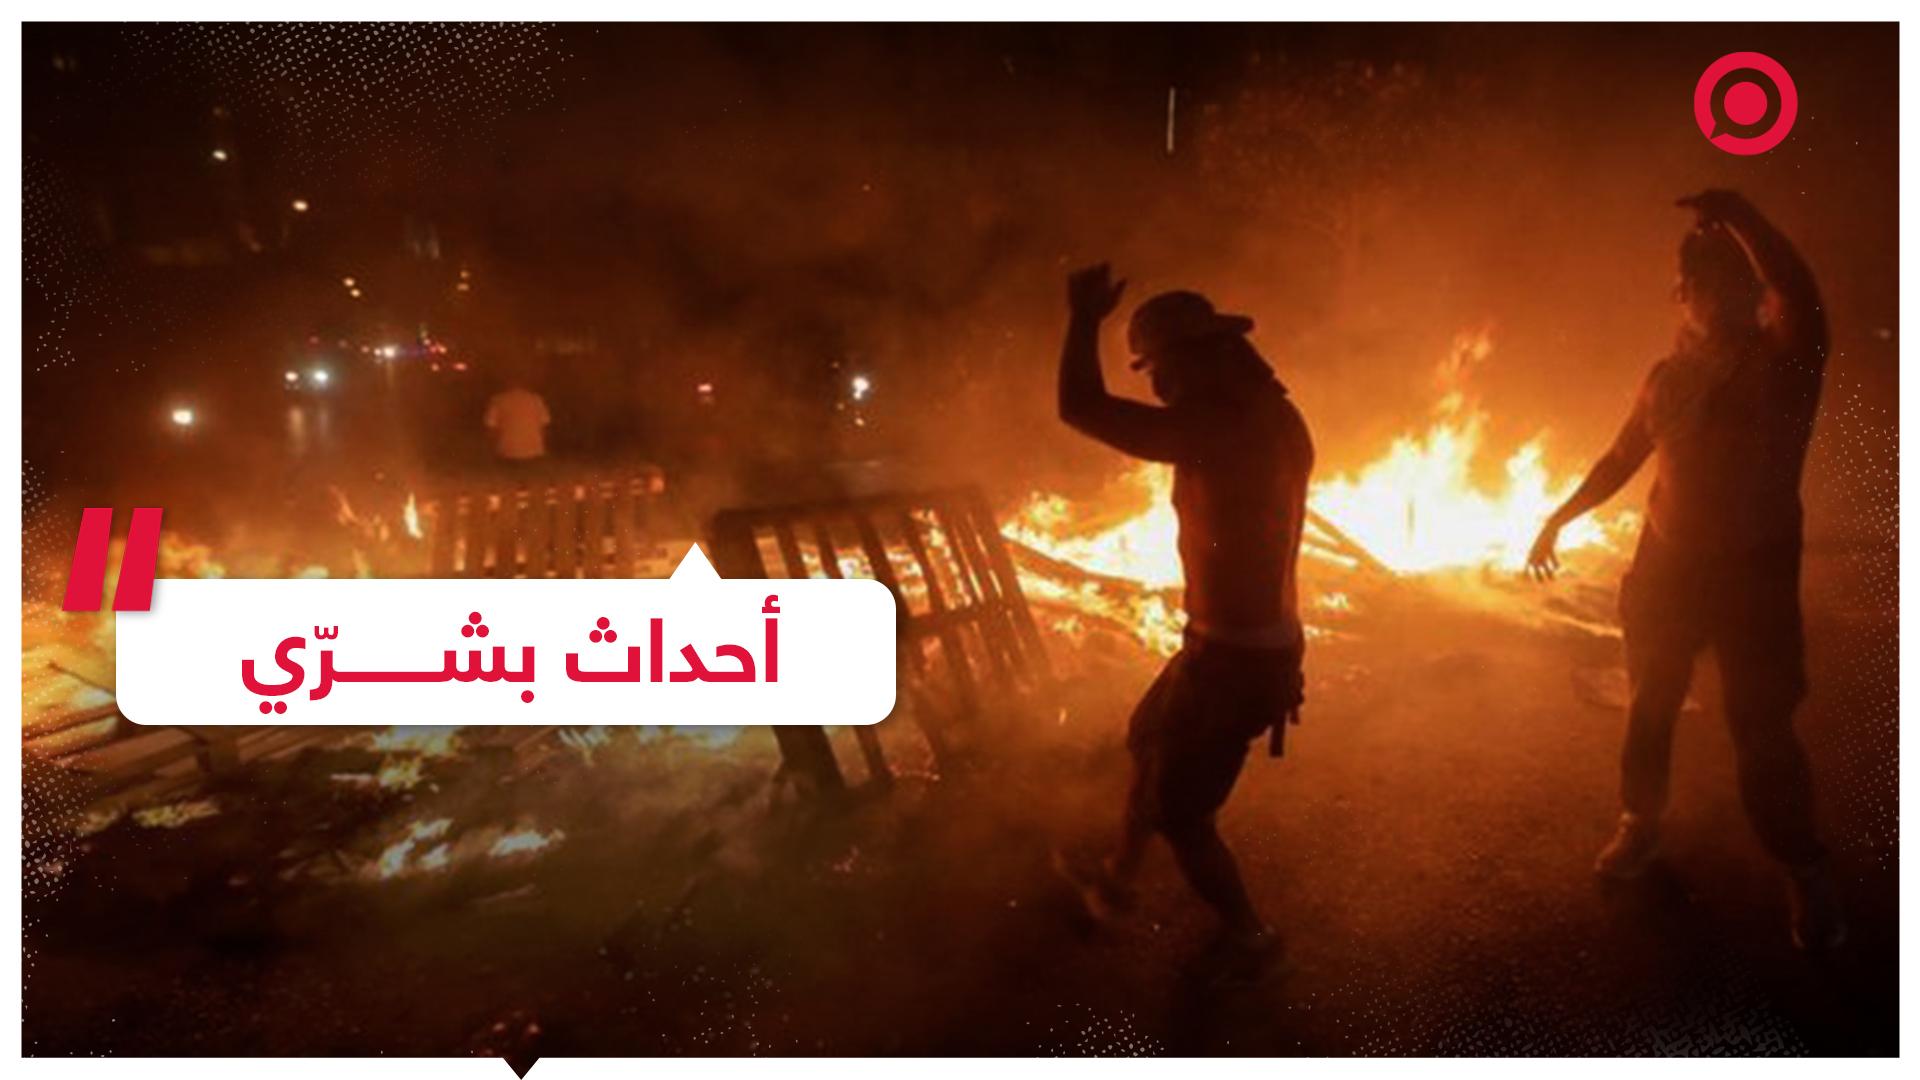 لبنان - سوريا - اللاجئين - الأمم المتحدة